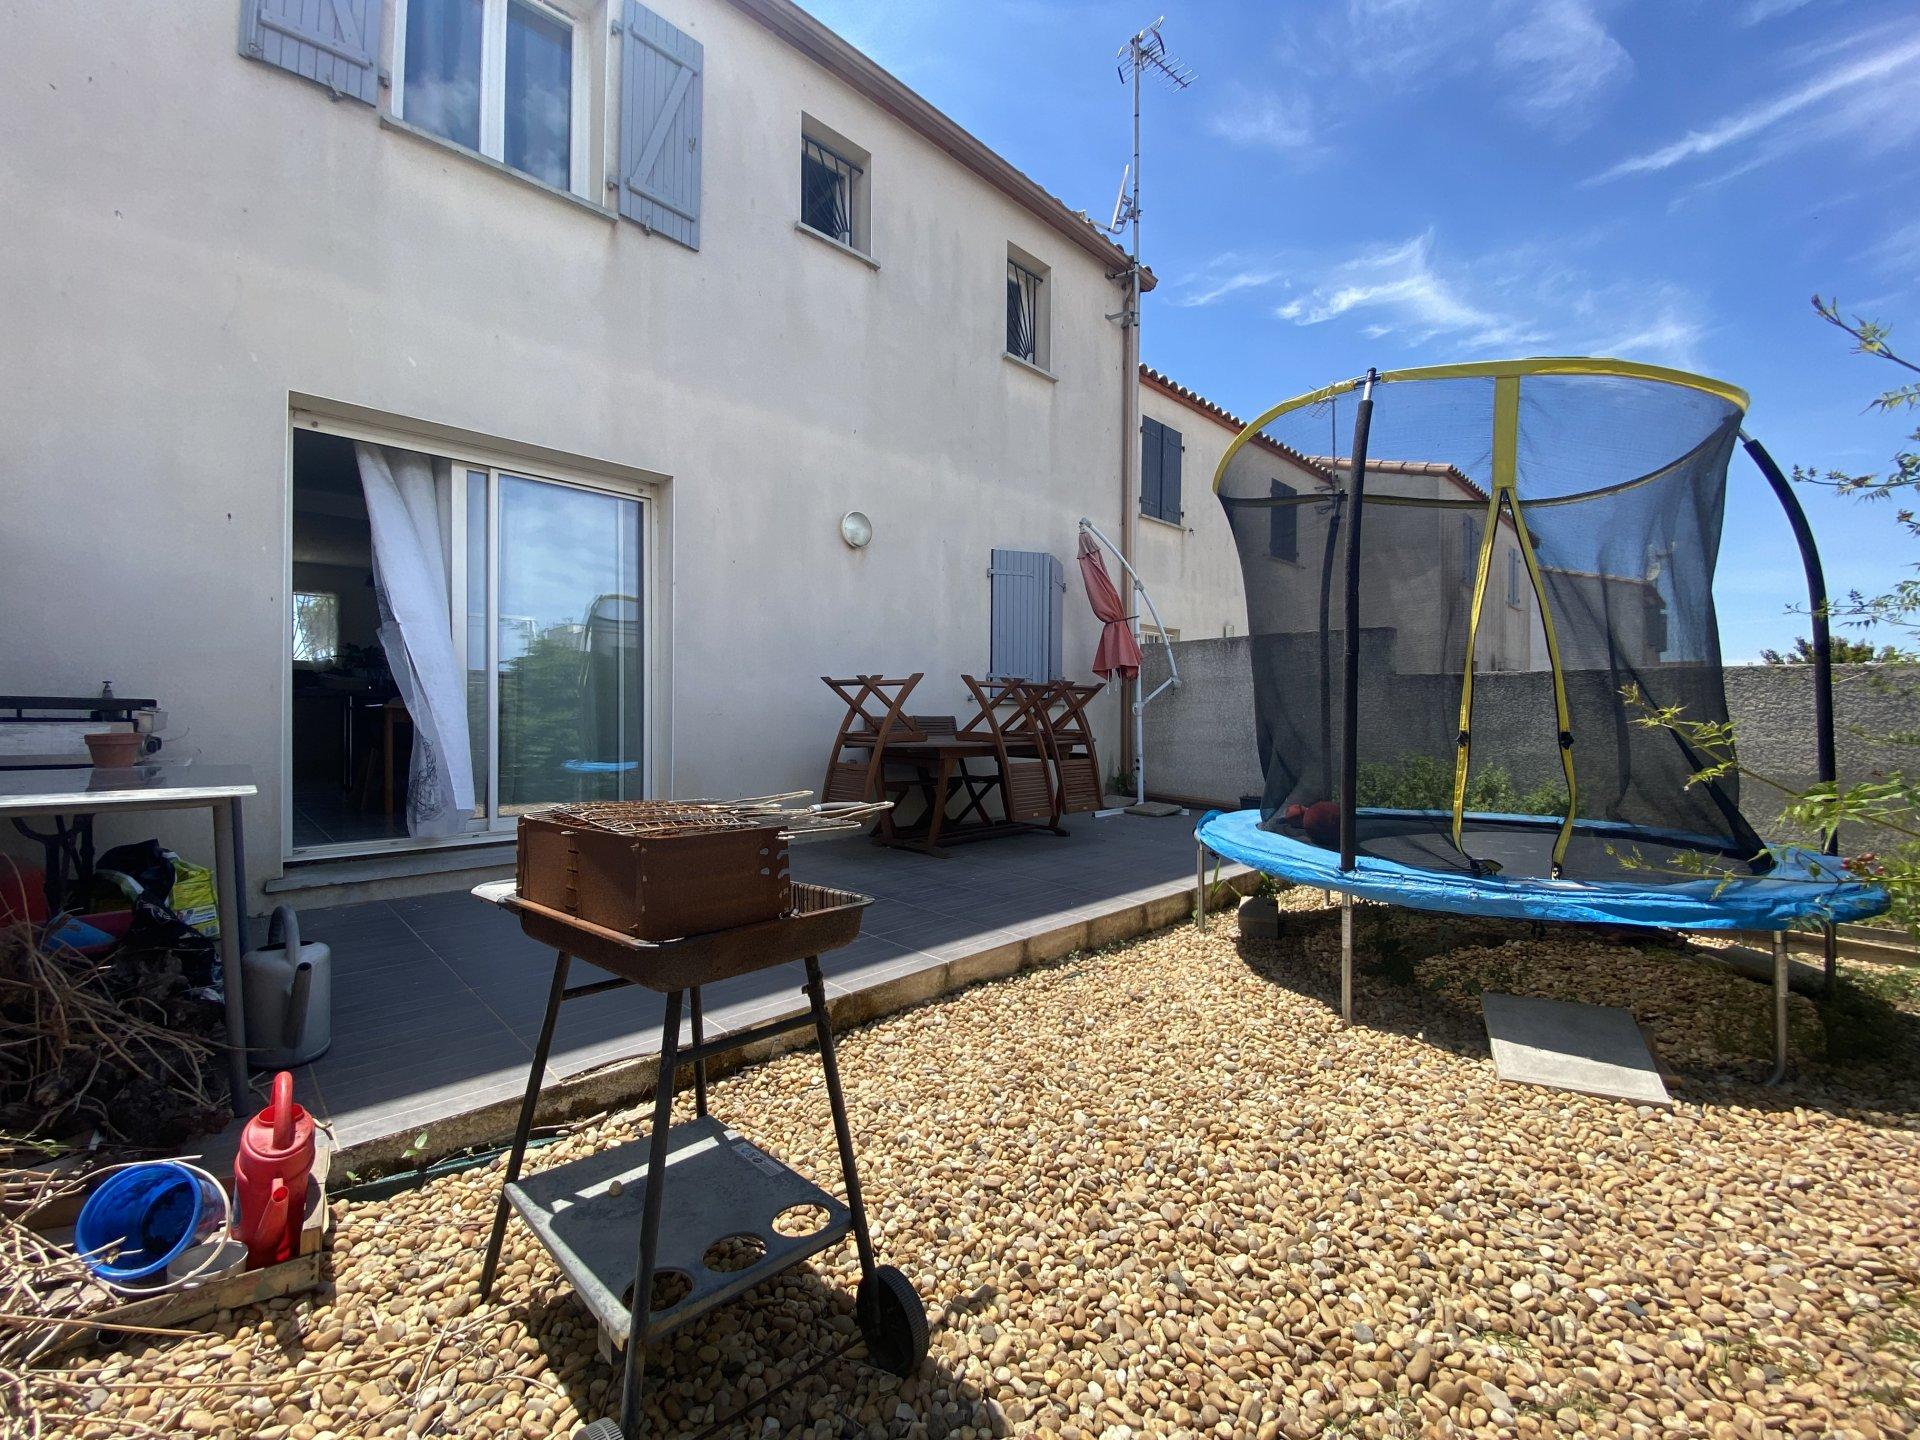 Agreable Villa T4 avec jardin et garage.